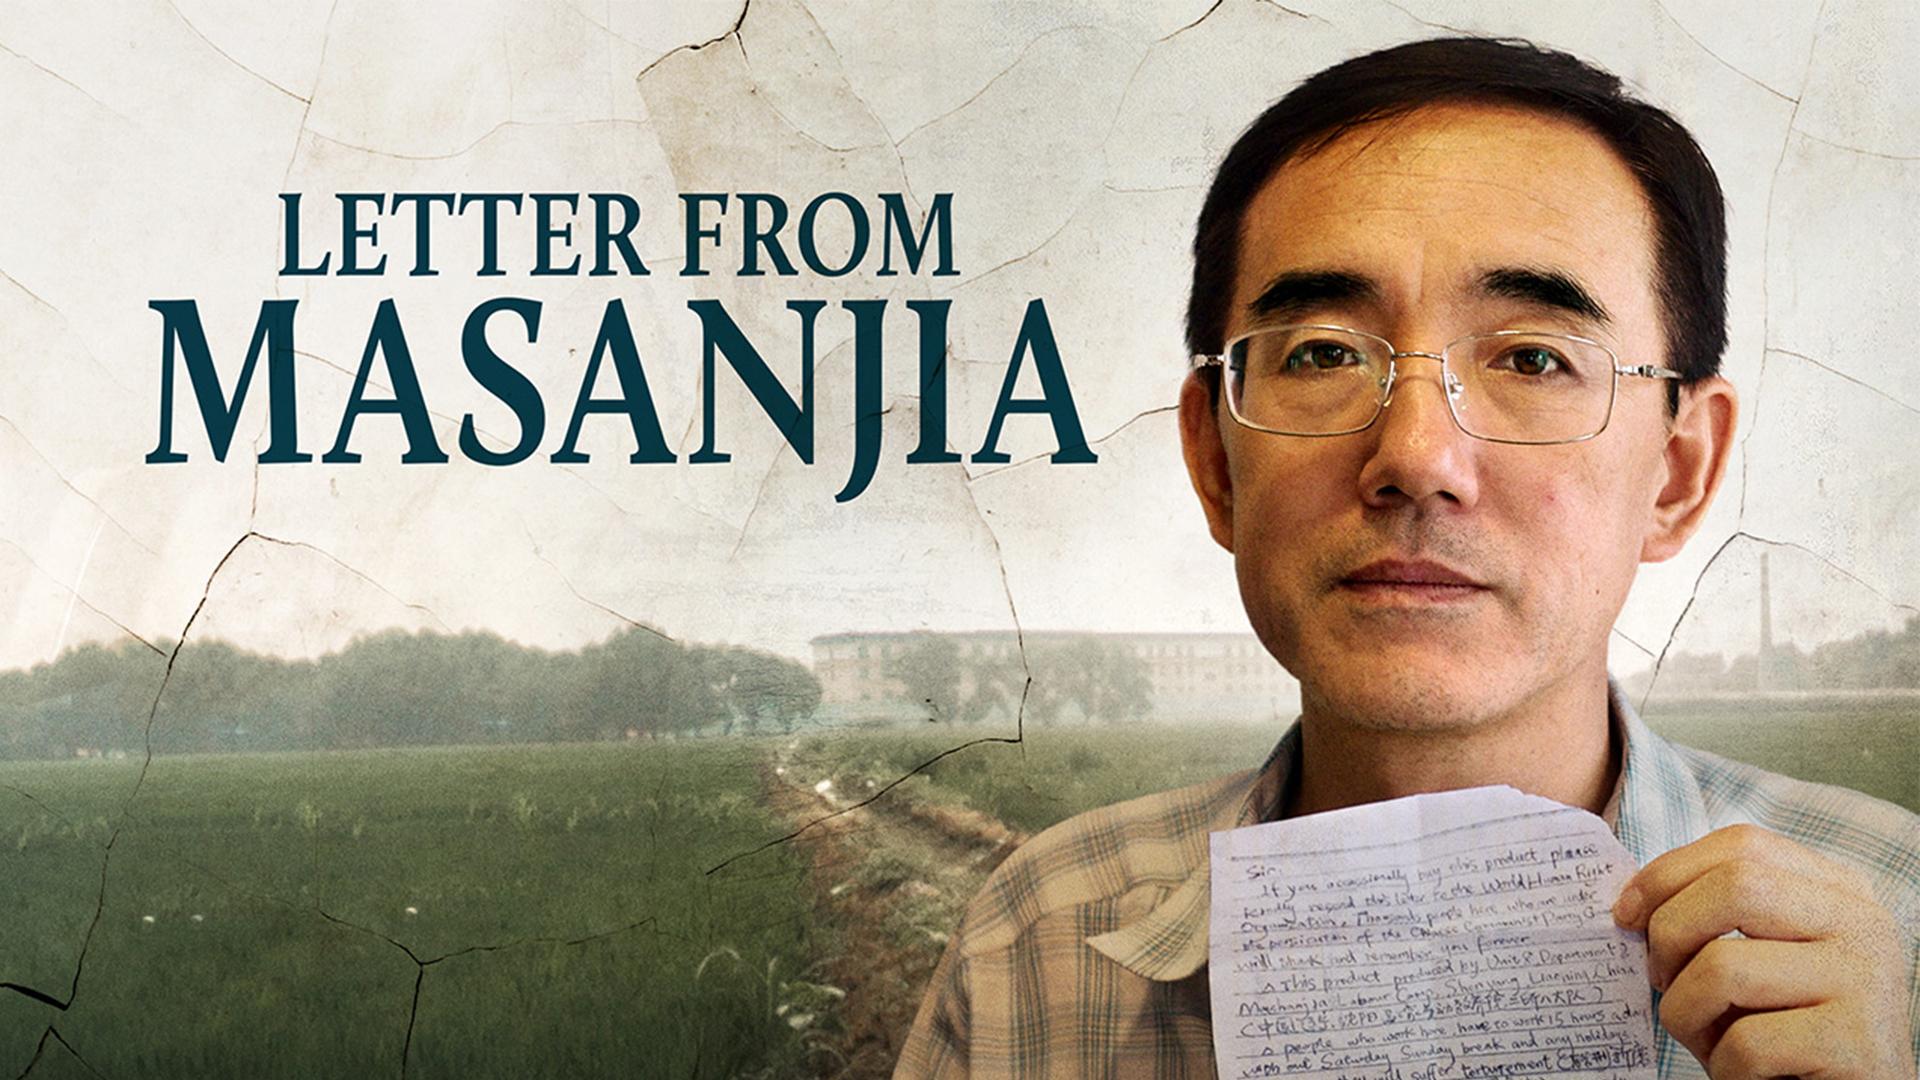 2019年9月17日,紀錄片「求救信(Letter from Masanjia)」在澳洲首都坎培拉舉行全澳首映。(製作單位提供)